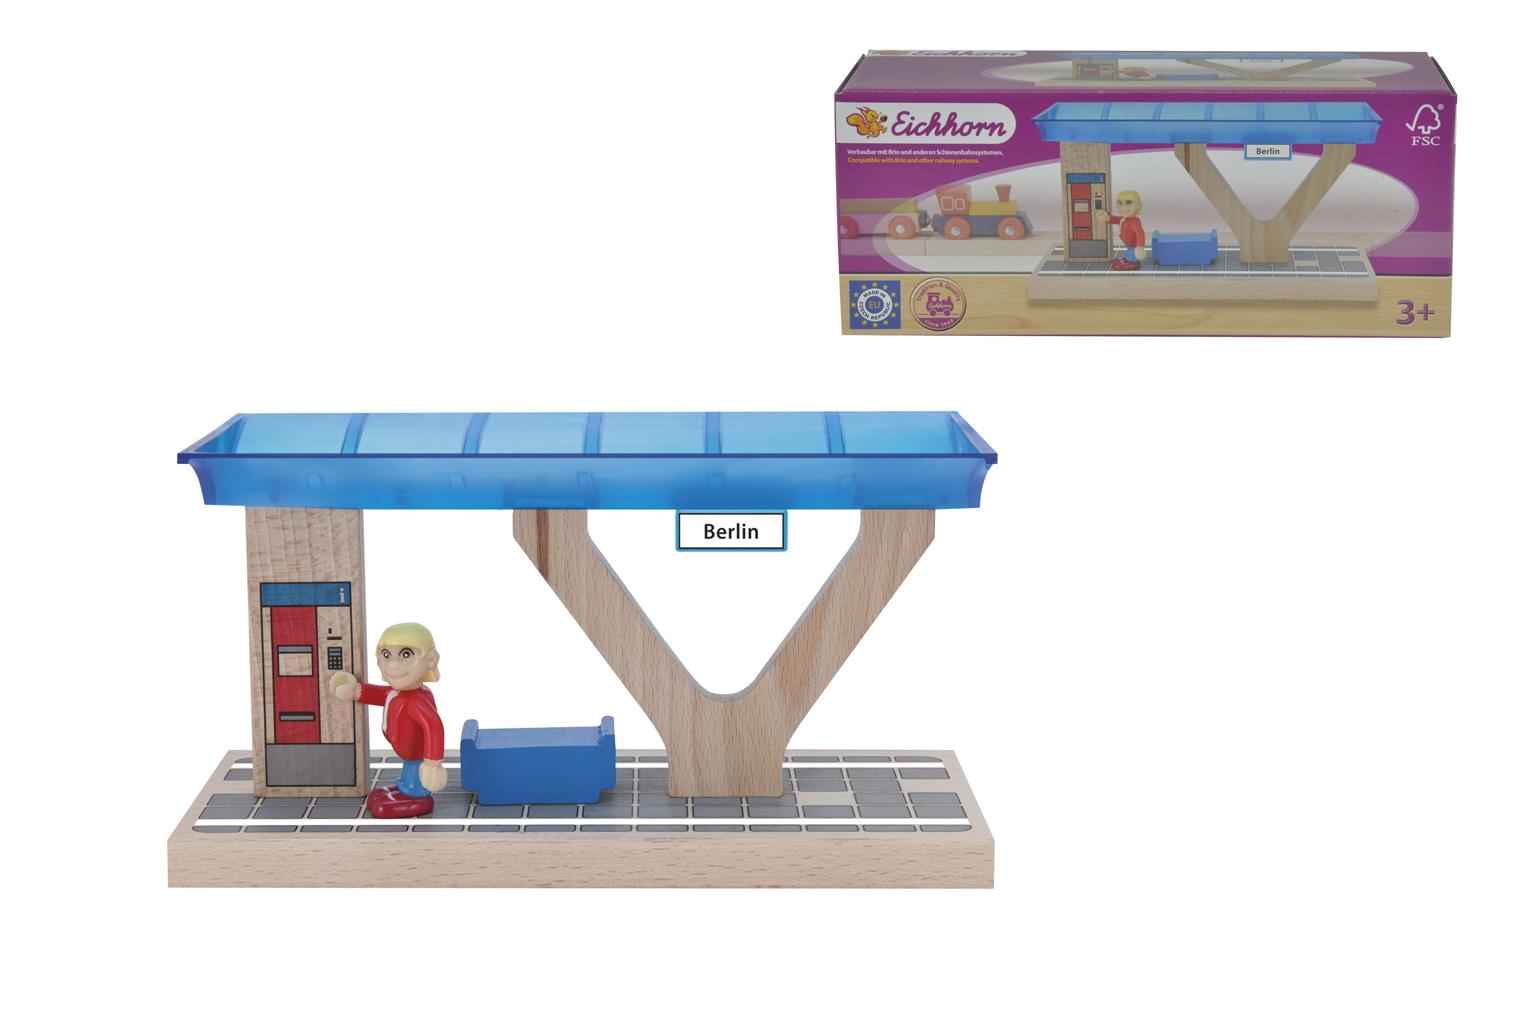 Игровой набор с фигуркой - Железнодорожная платформаДетская железная дорога<br>Игровой набор с фигуркой - Железнодорожная платформа<br>